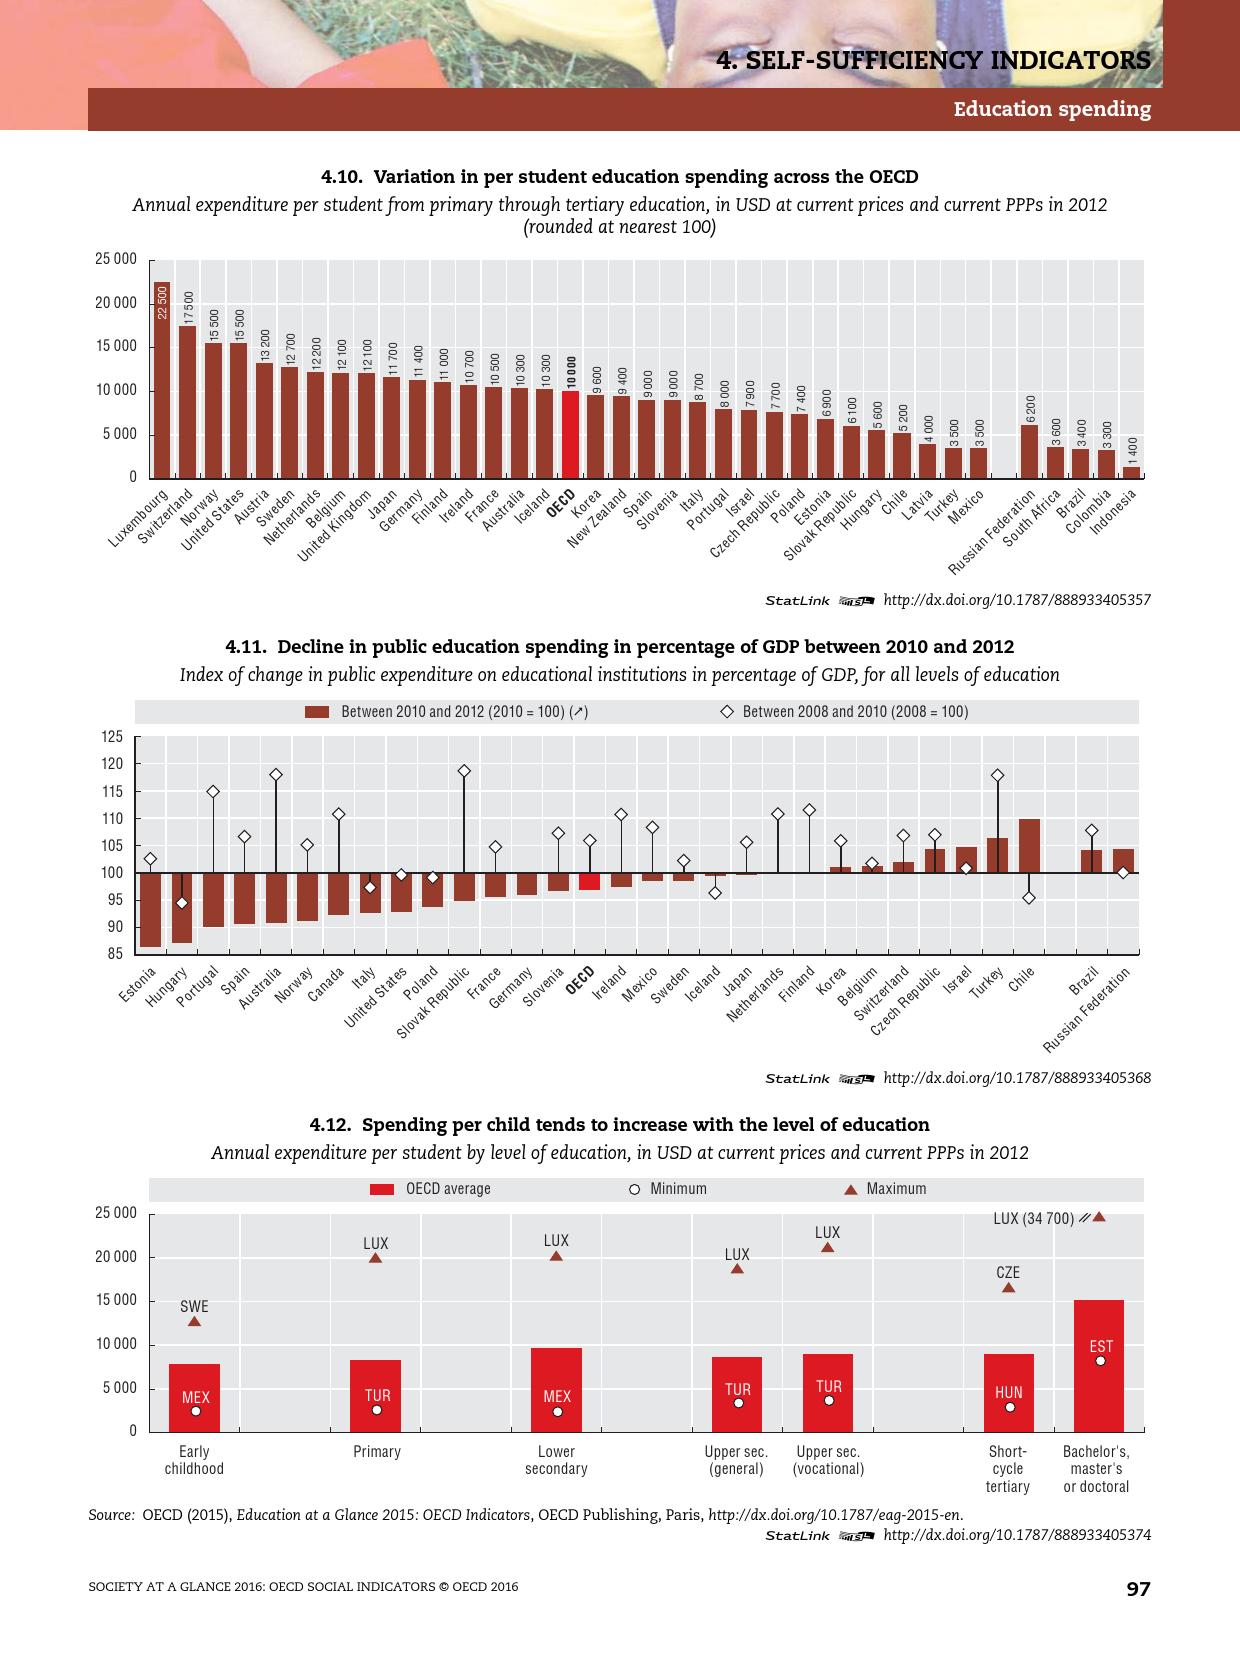 2016年OECD国家社会概览报告_000099